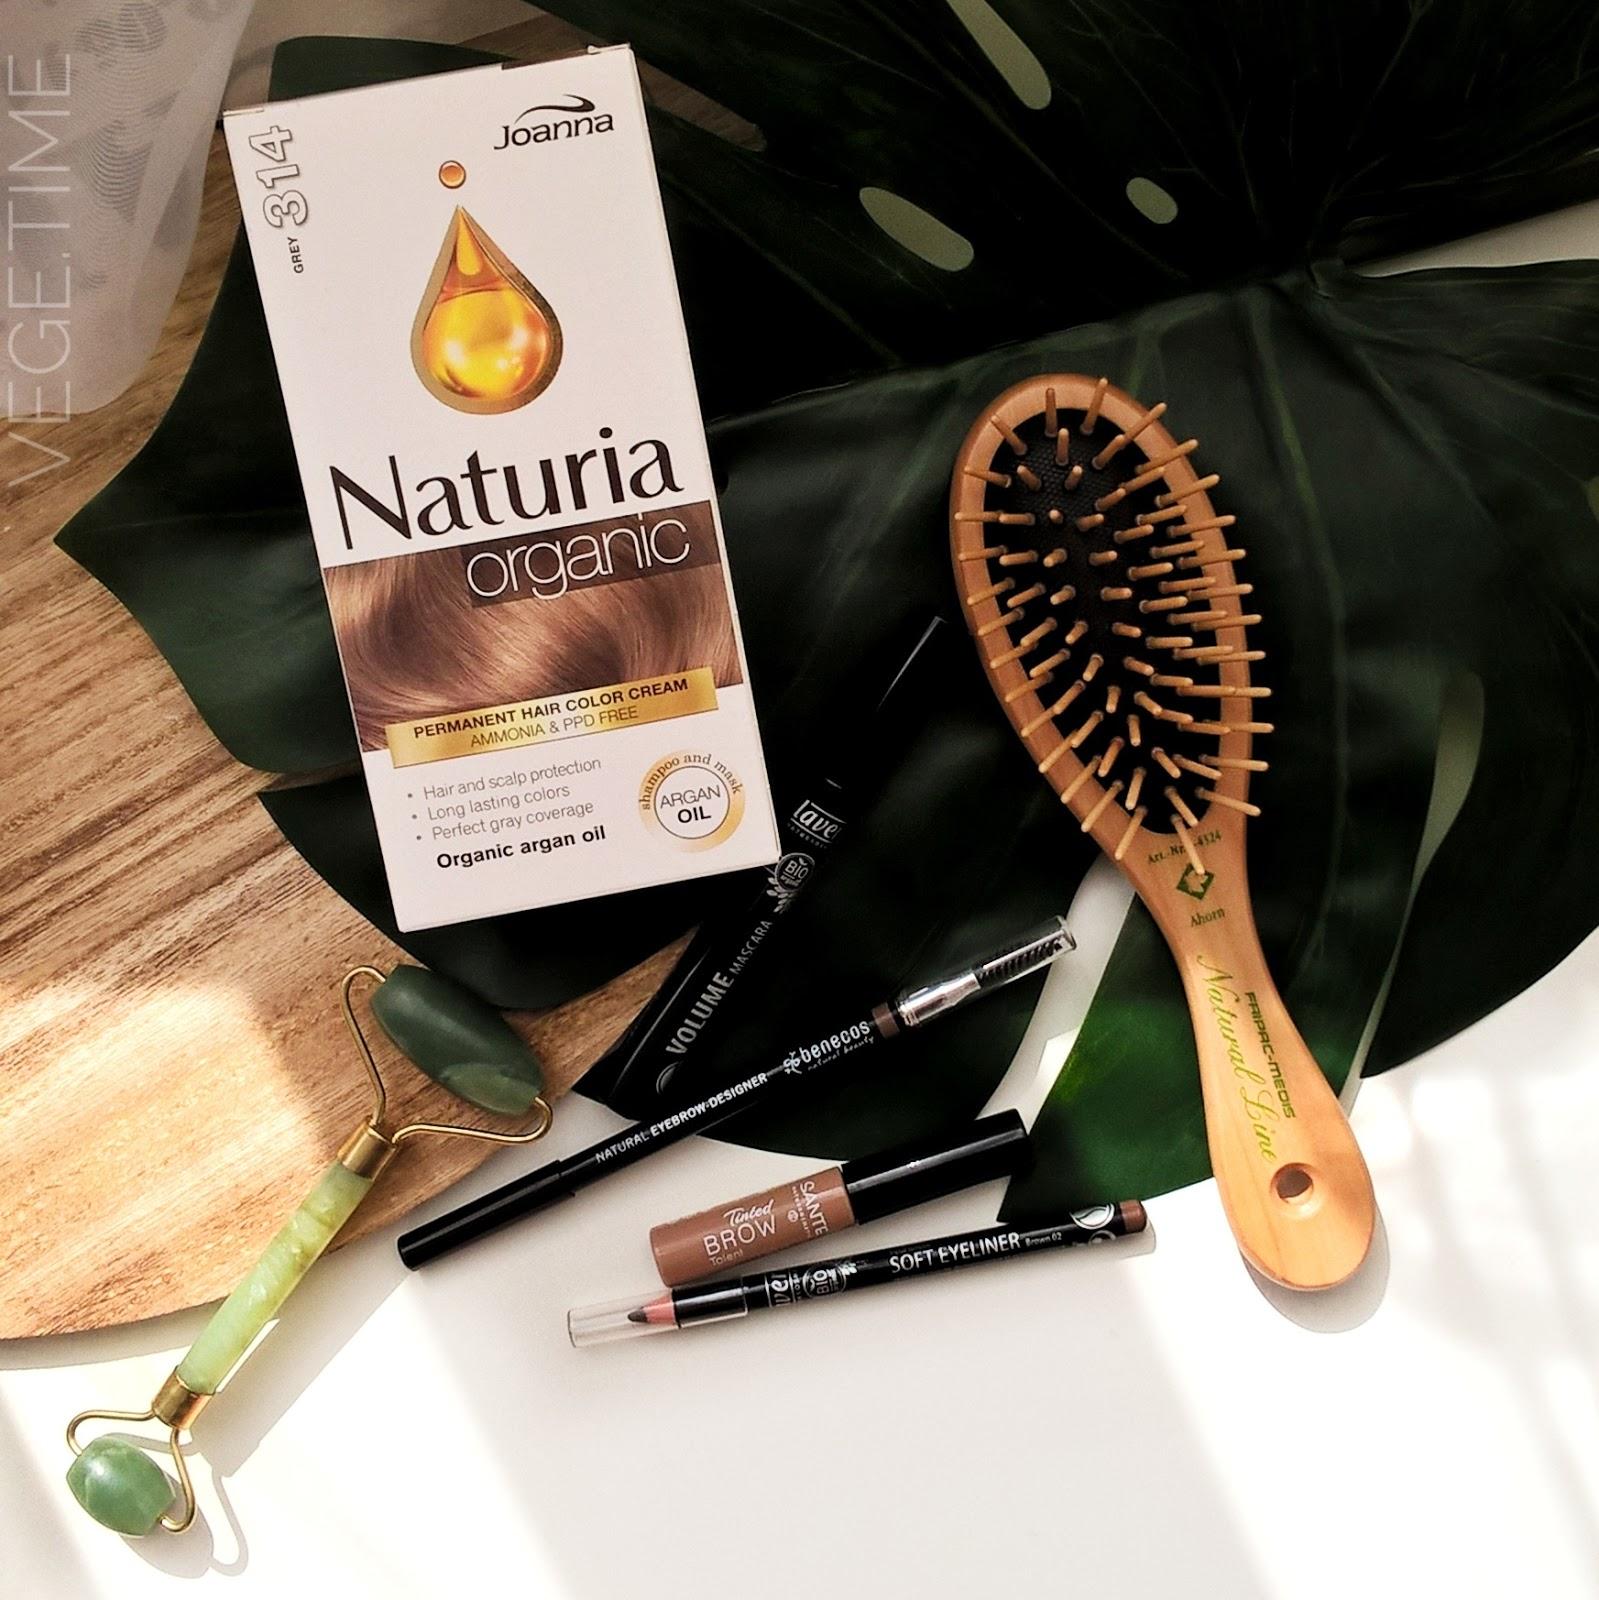 Ekologiczne Kosmetyki Haul | Wegańskie i Nietestowane na Zwierzętach